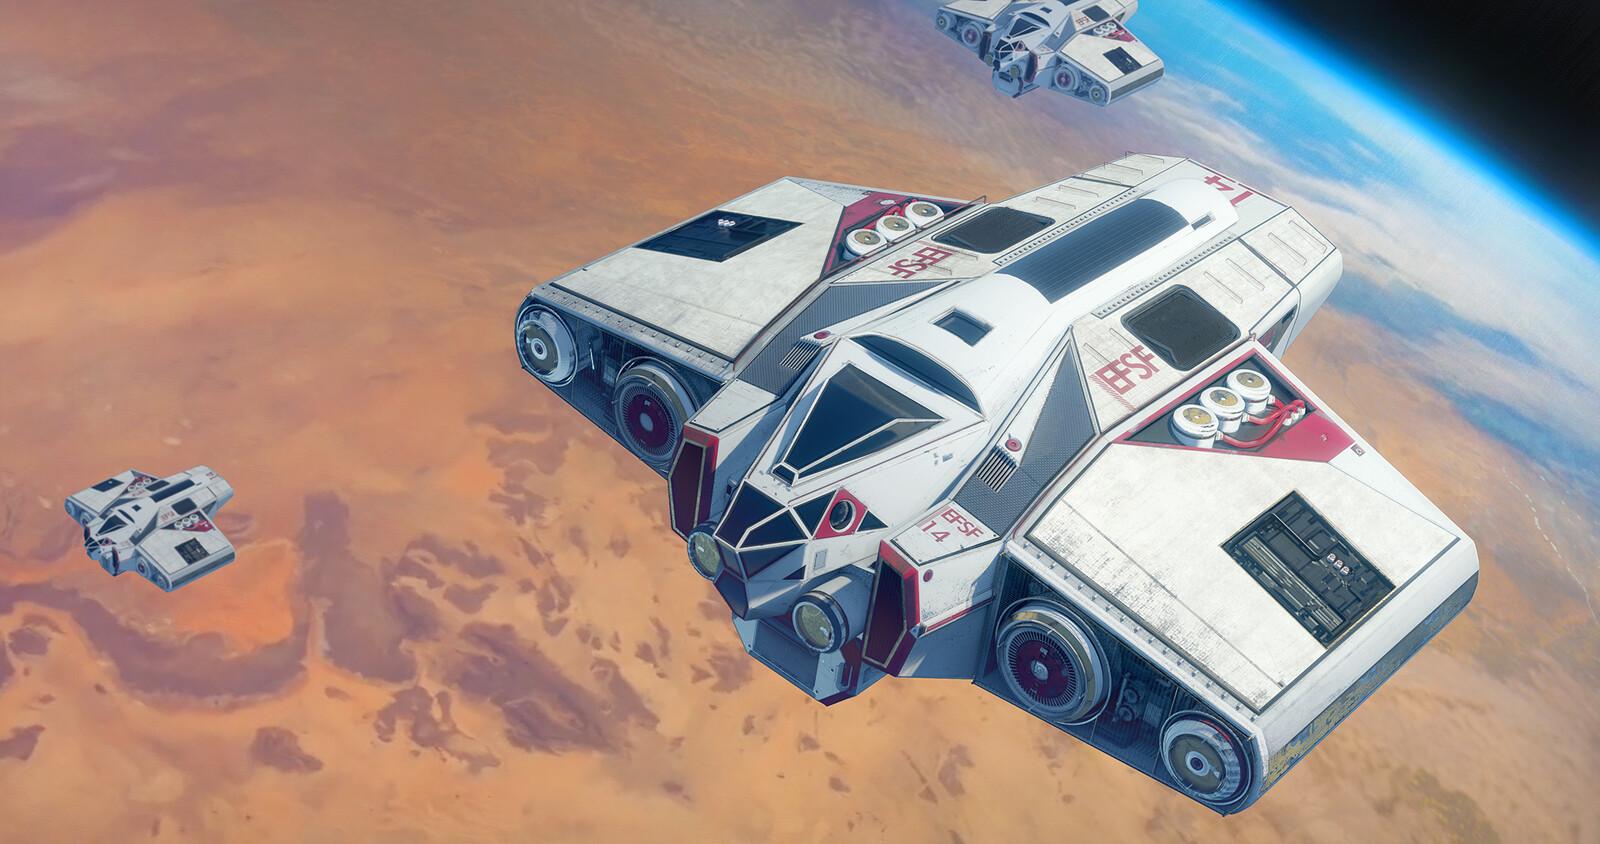 EFSF Cargo Spaceship